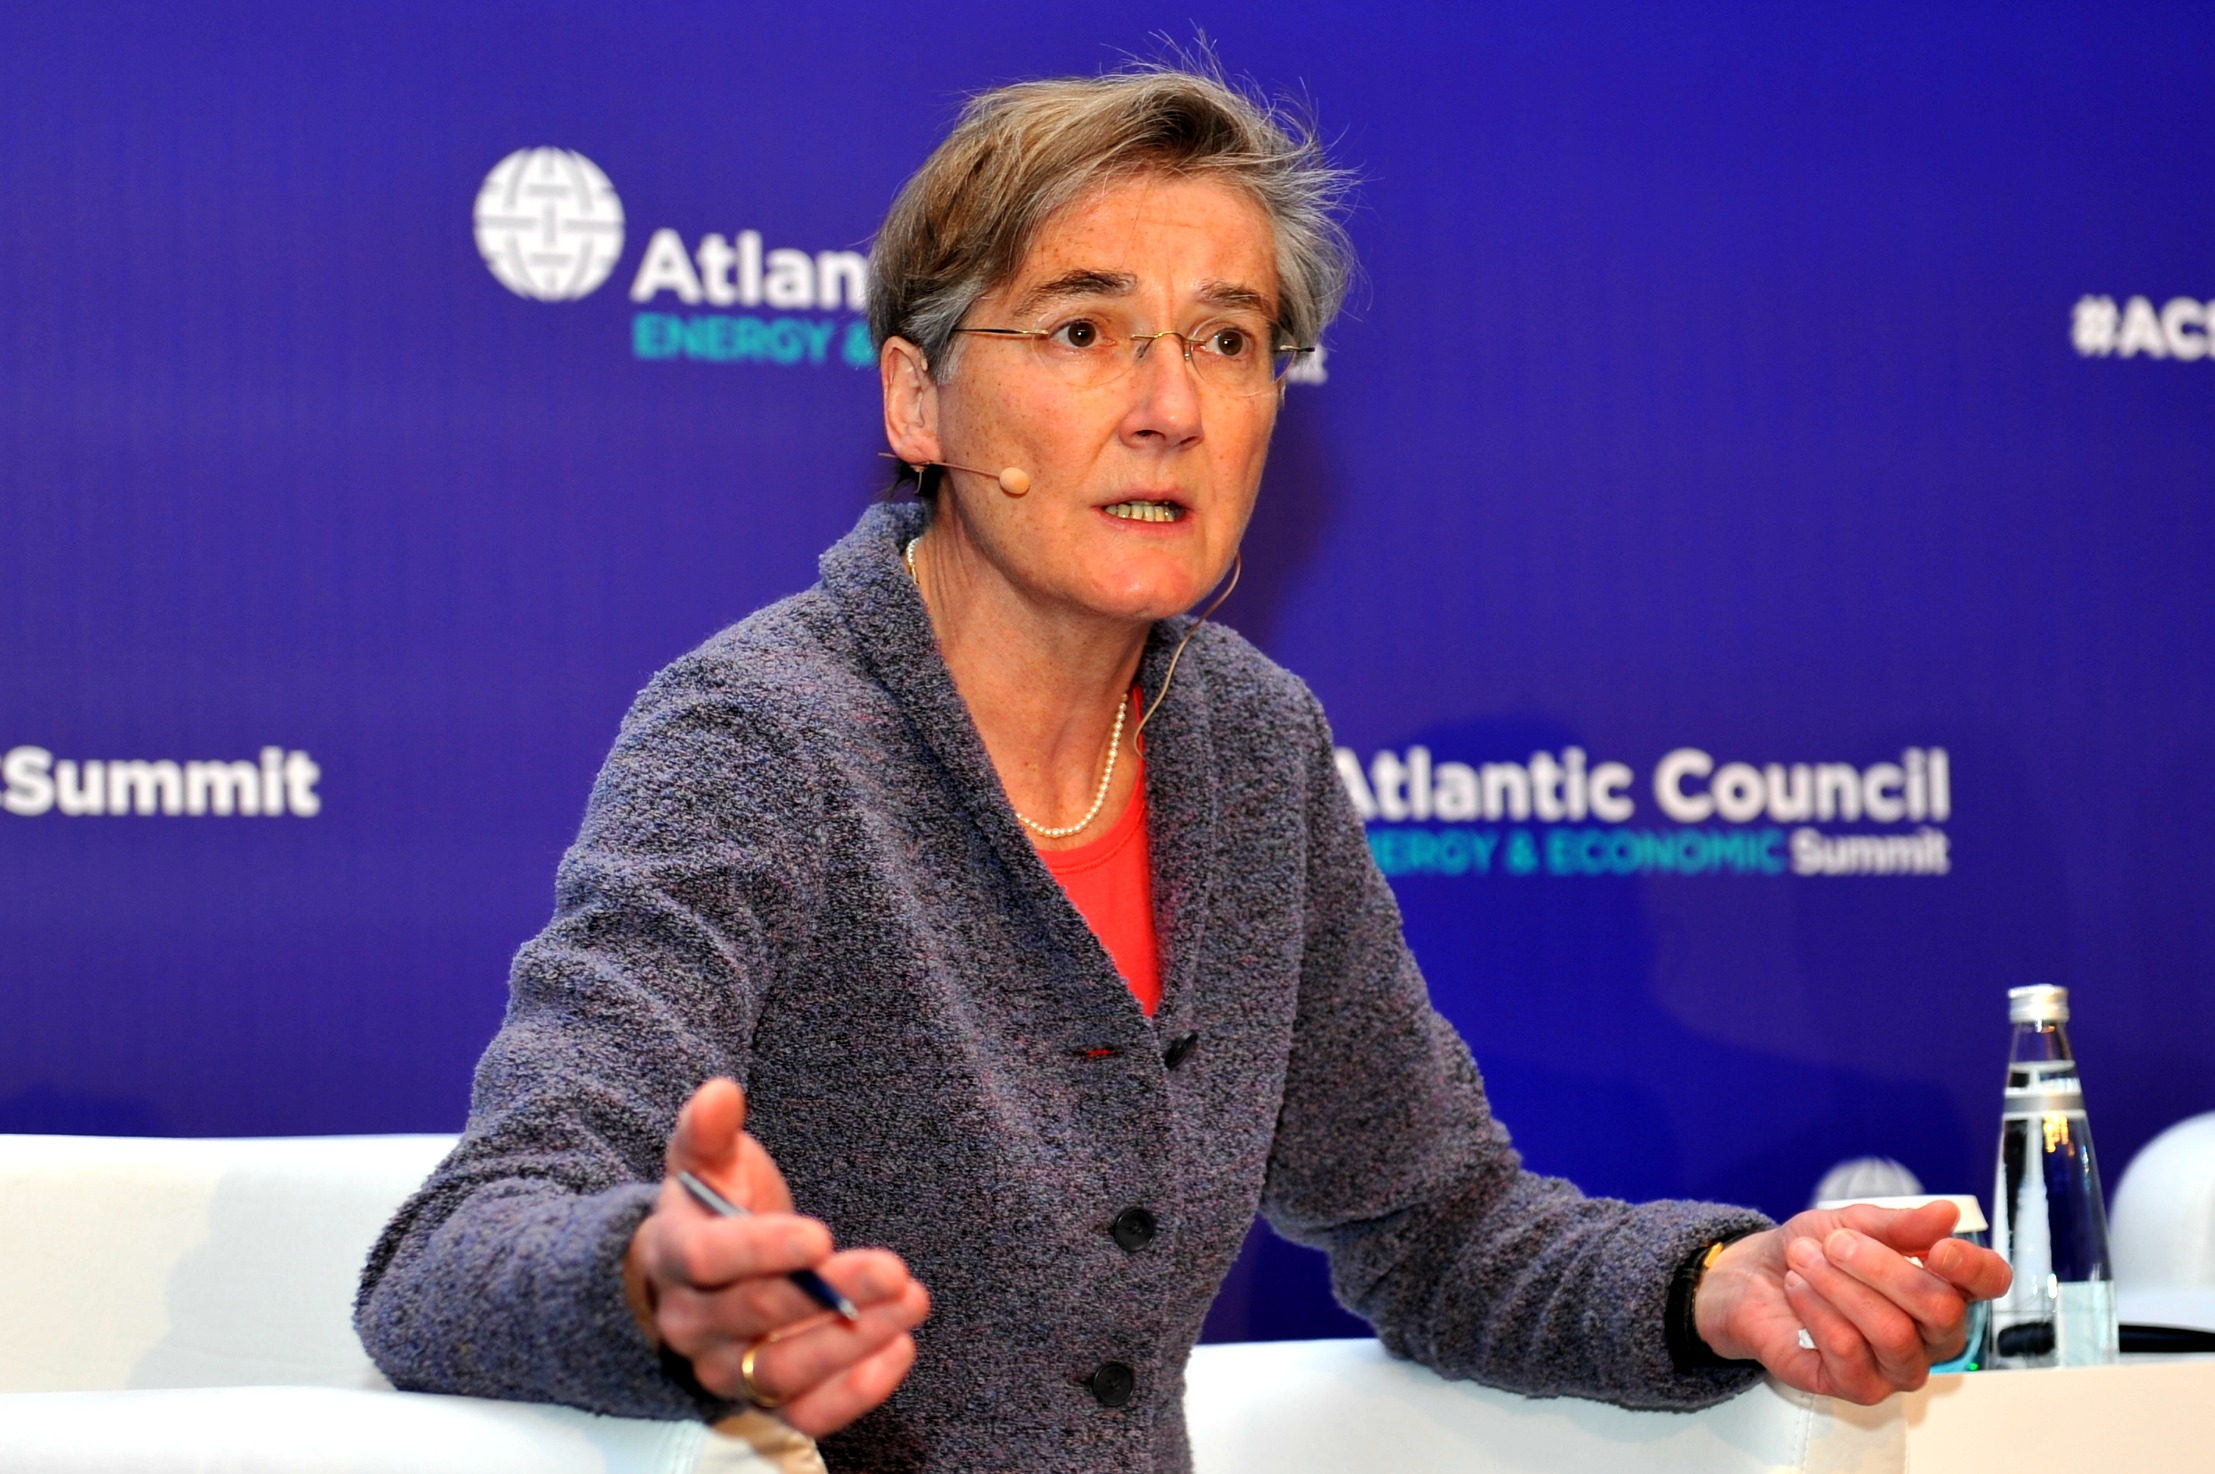 Judy Dempsey [Atlantic Council/Flickr]